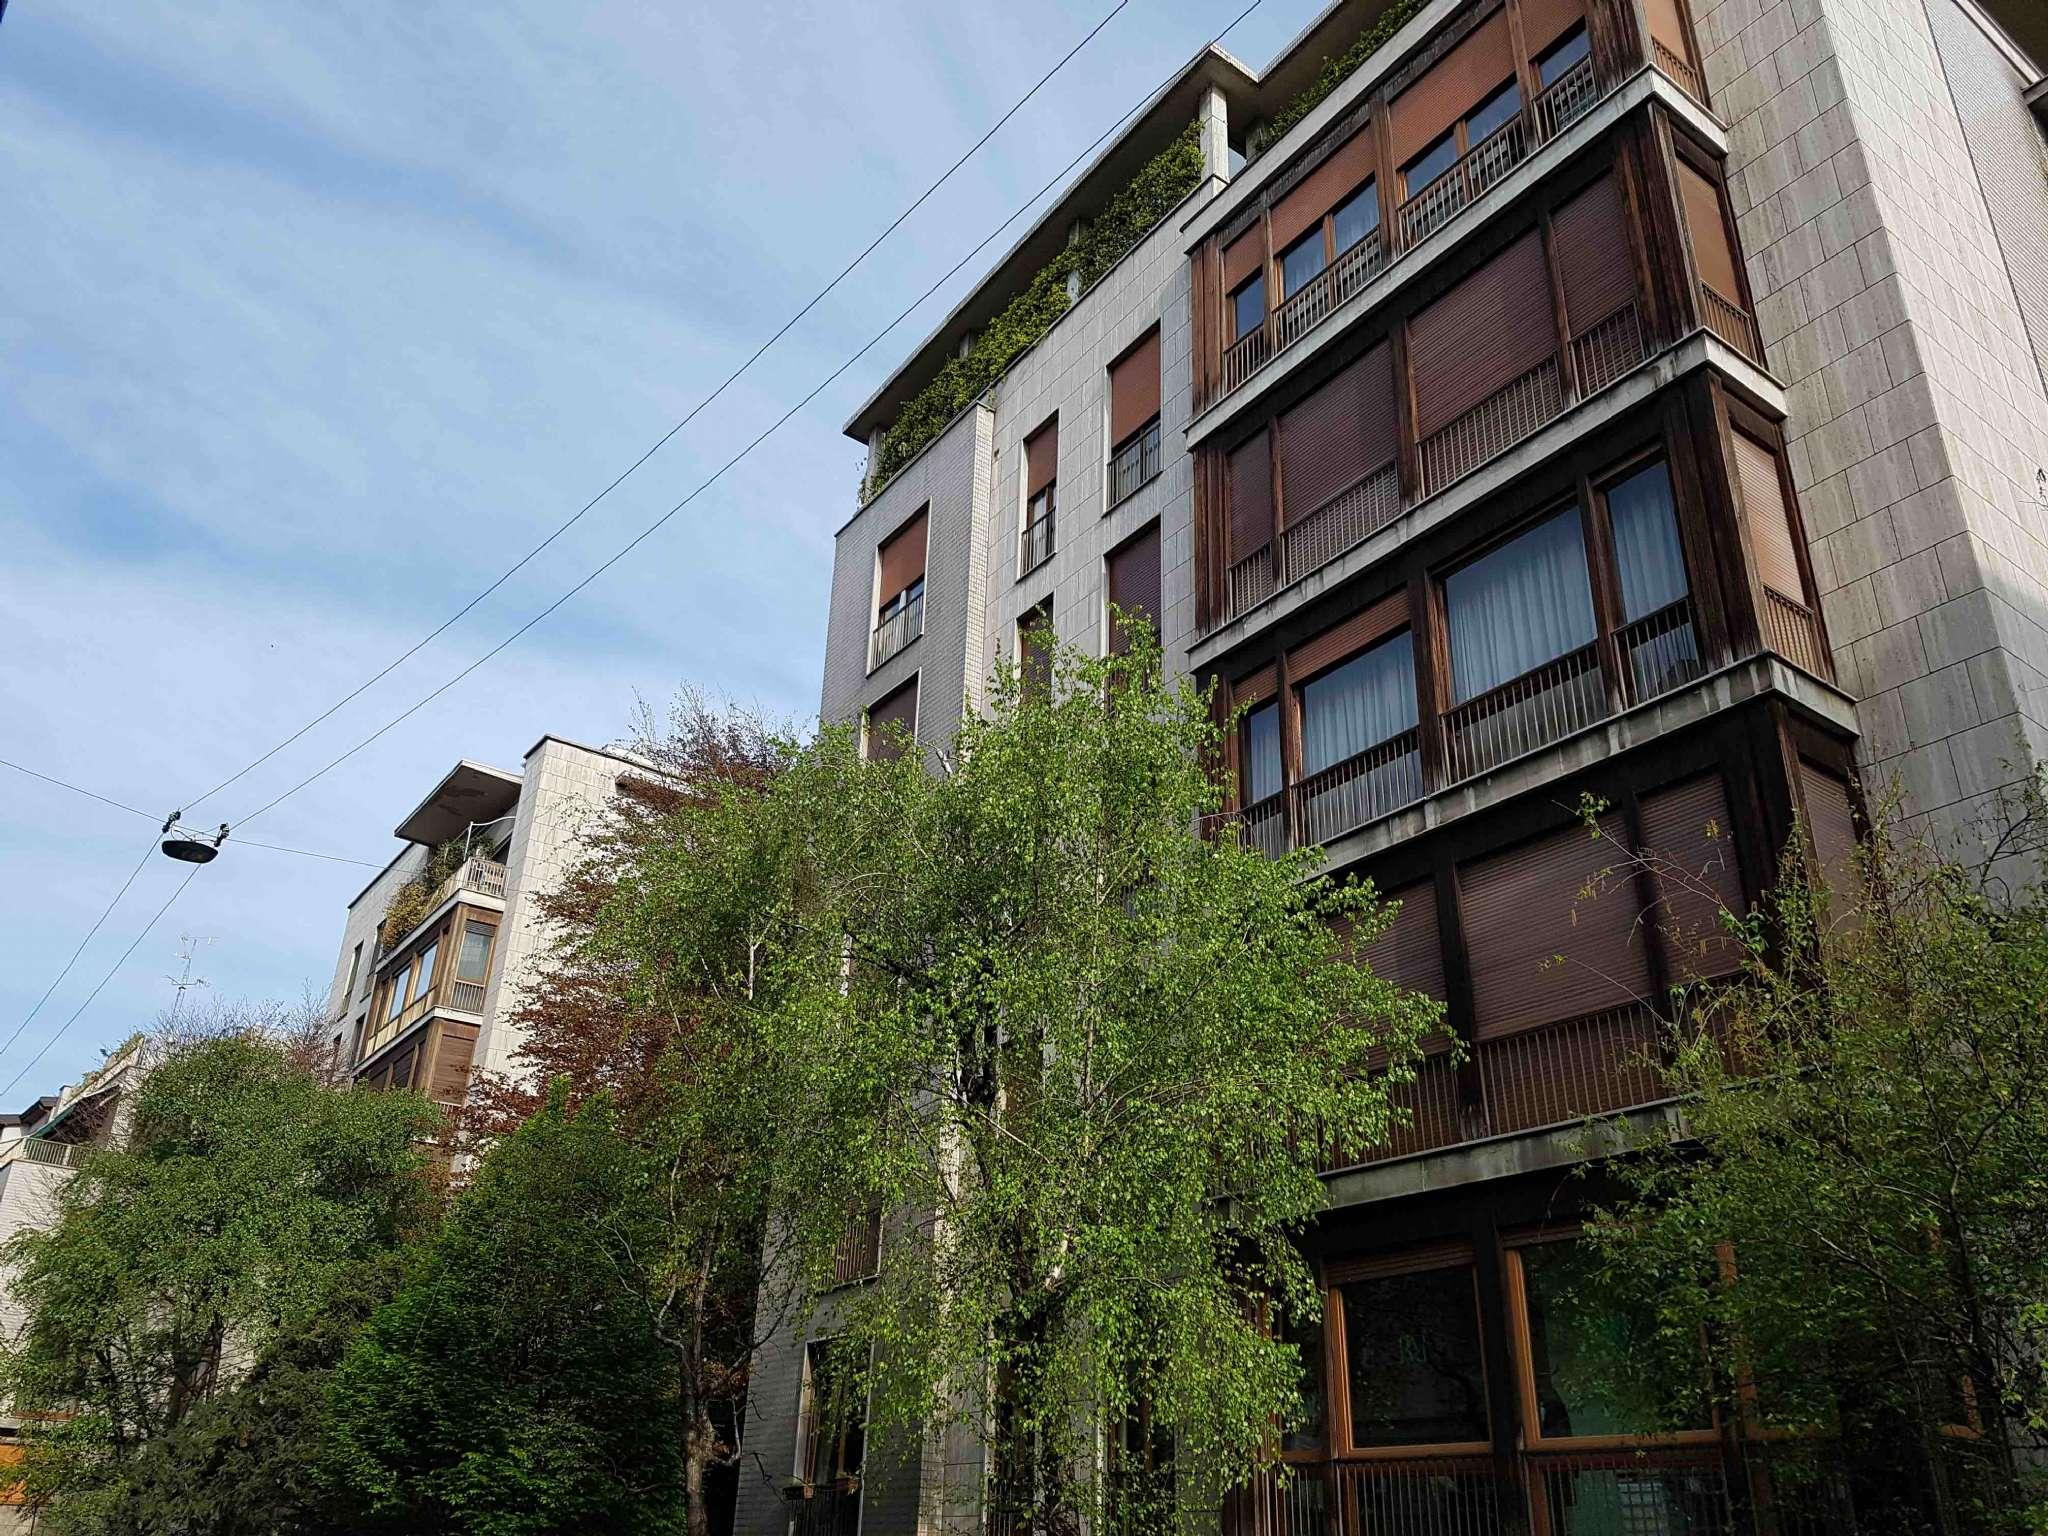 Appartamento in vendita a Milano, 6 locali, zona Zona: 8 . Bocconi, C.so Italia, Ticinese, Bligny, prezzo € 1.250.000   Cambio Casa.it